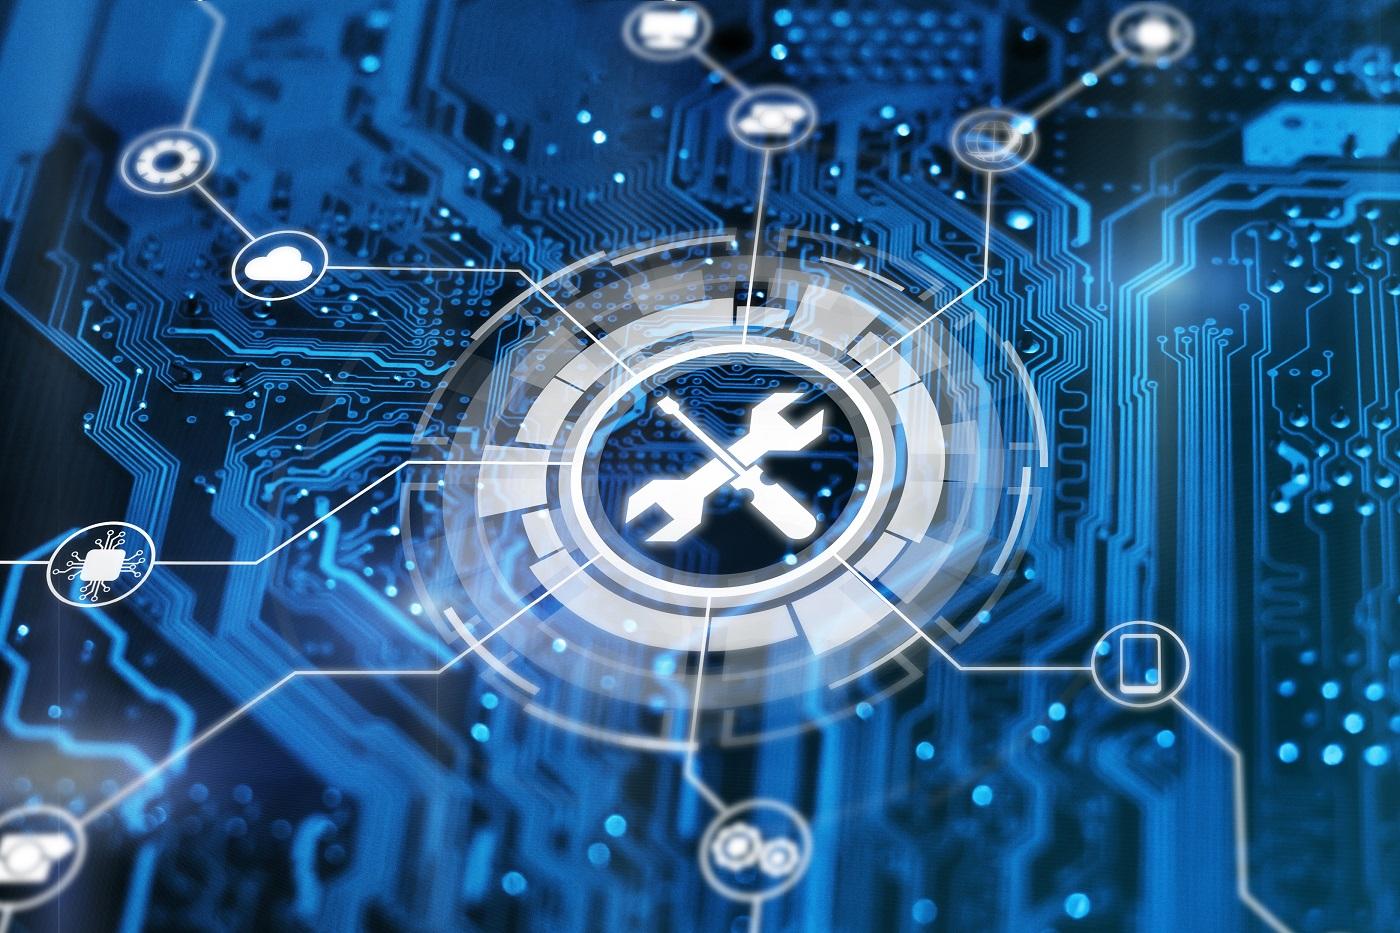 Piața IT&C din România a crescut în 2020